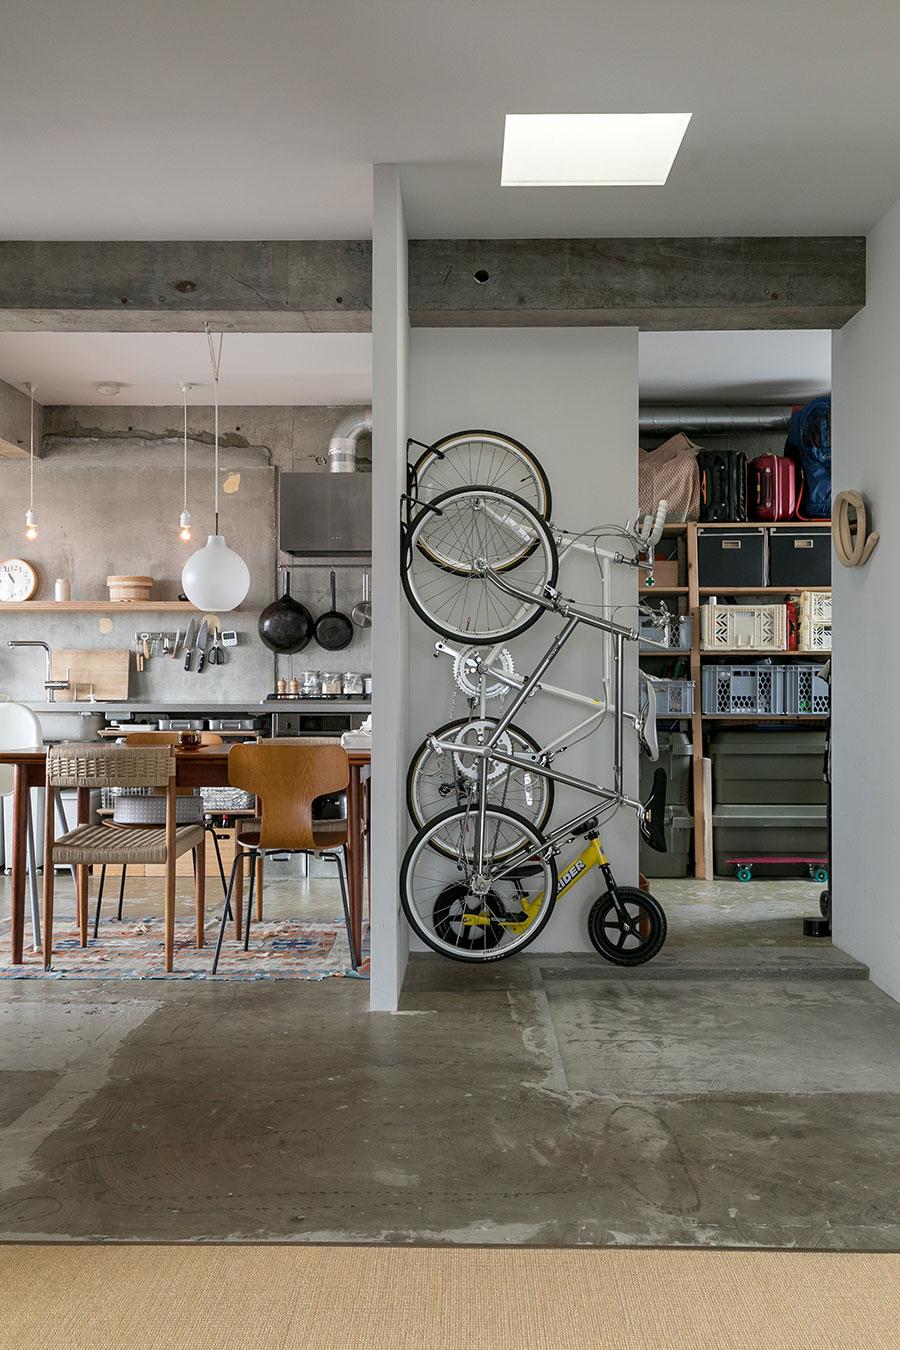 自転車を収納するスペースは設計時に予め確保。自転車をかけてある壁はリノベ時に新設した。